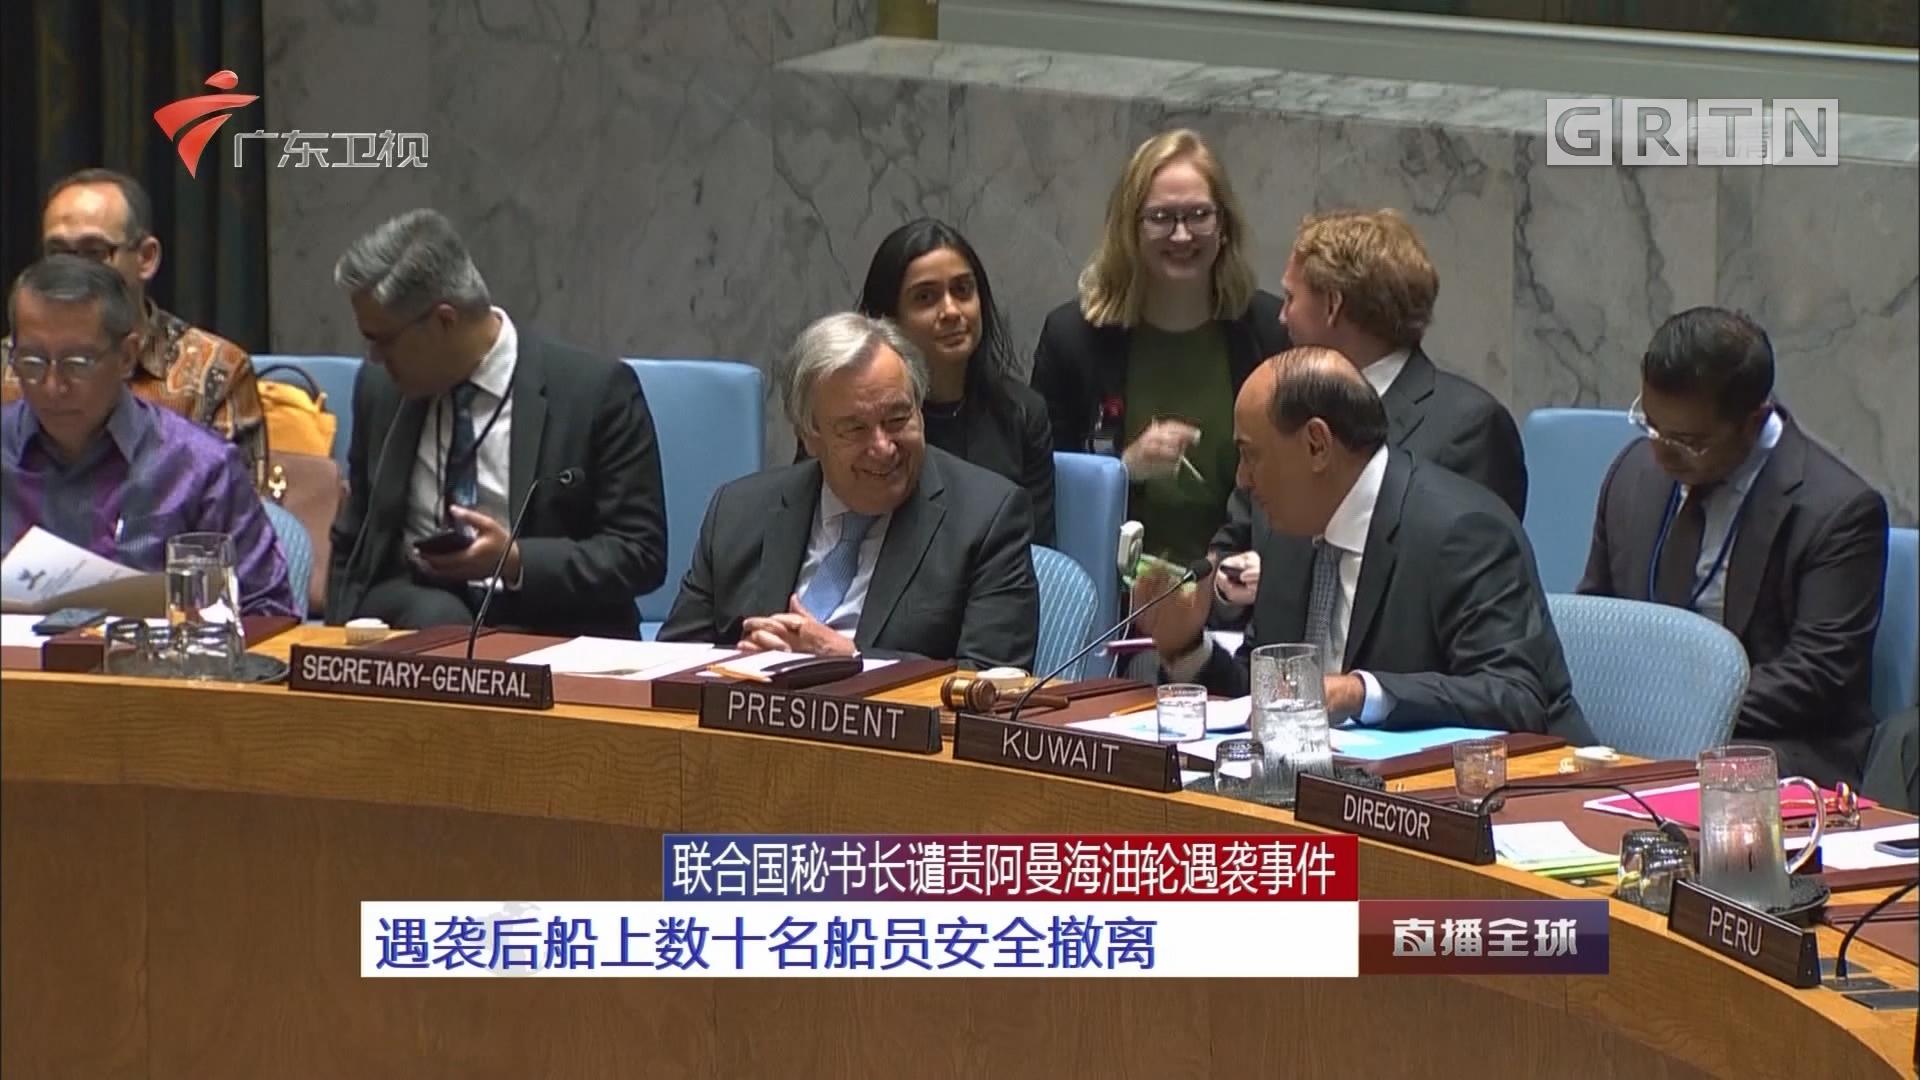 联合国秘书长谴责阿曼海油轮遇袭事件:遇袭后船上数十名船员安全撤离